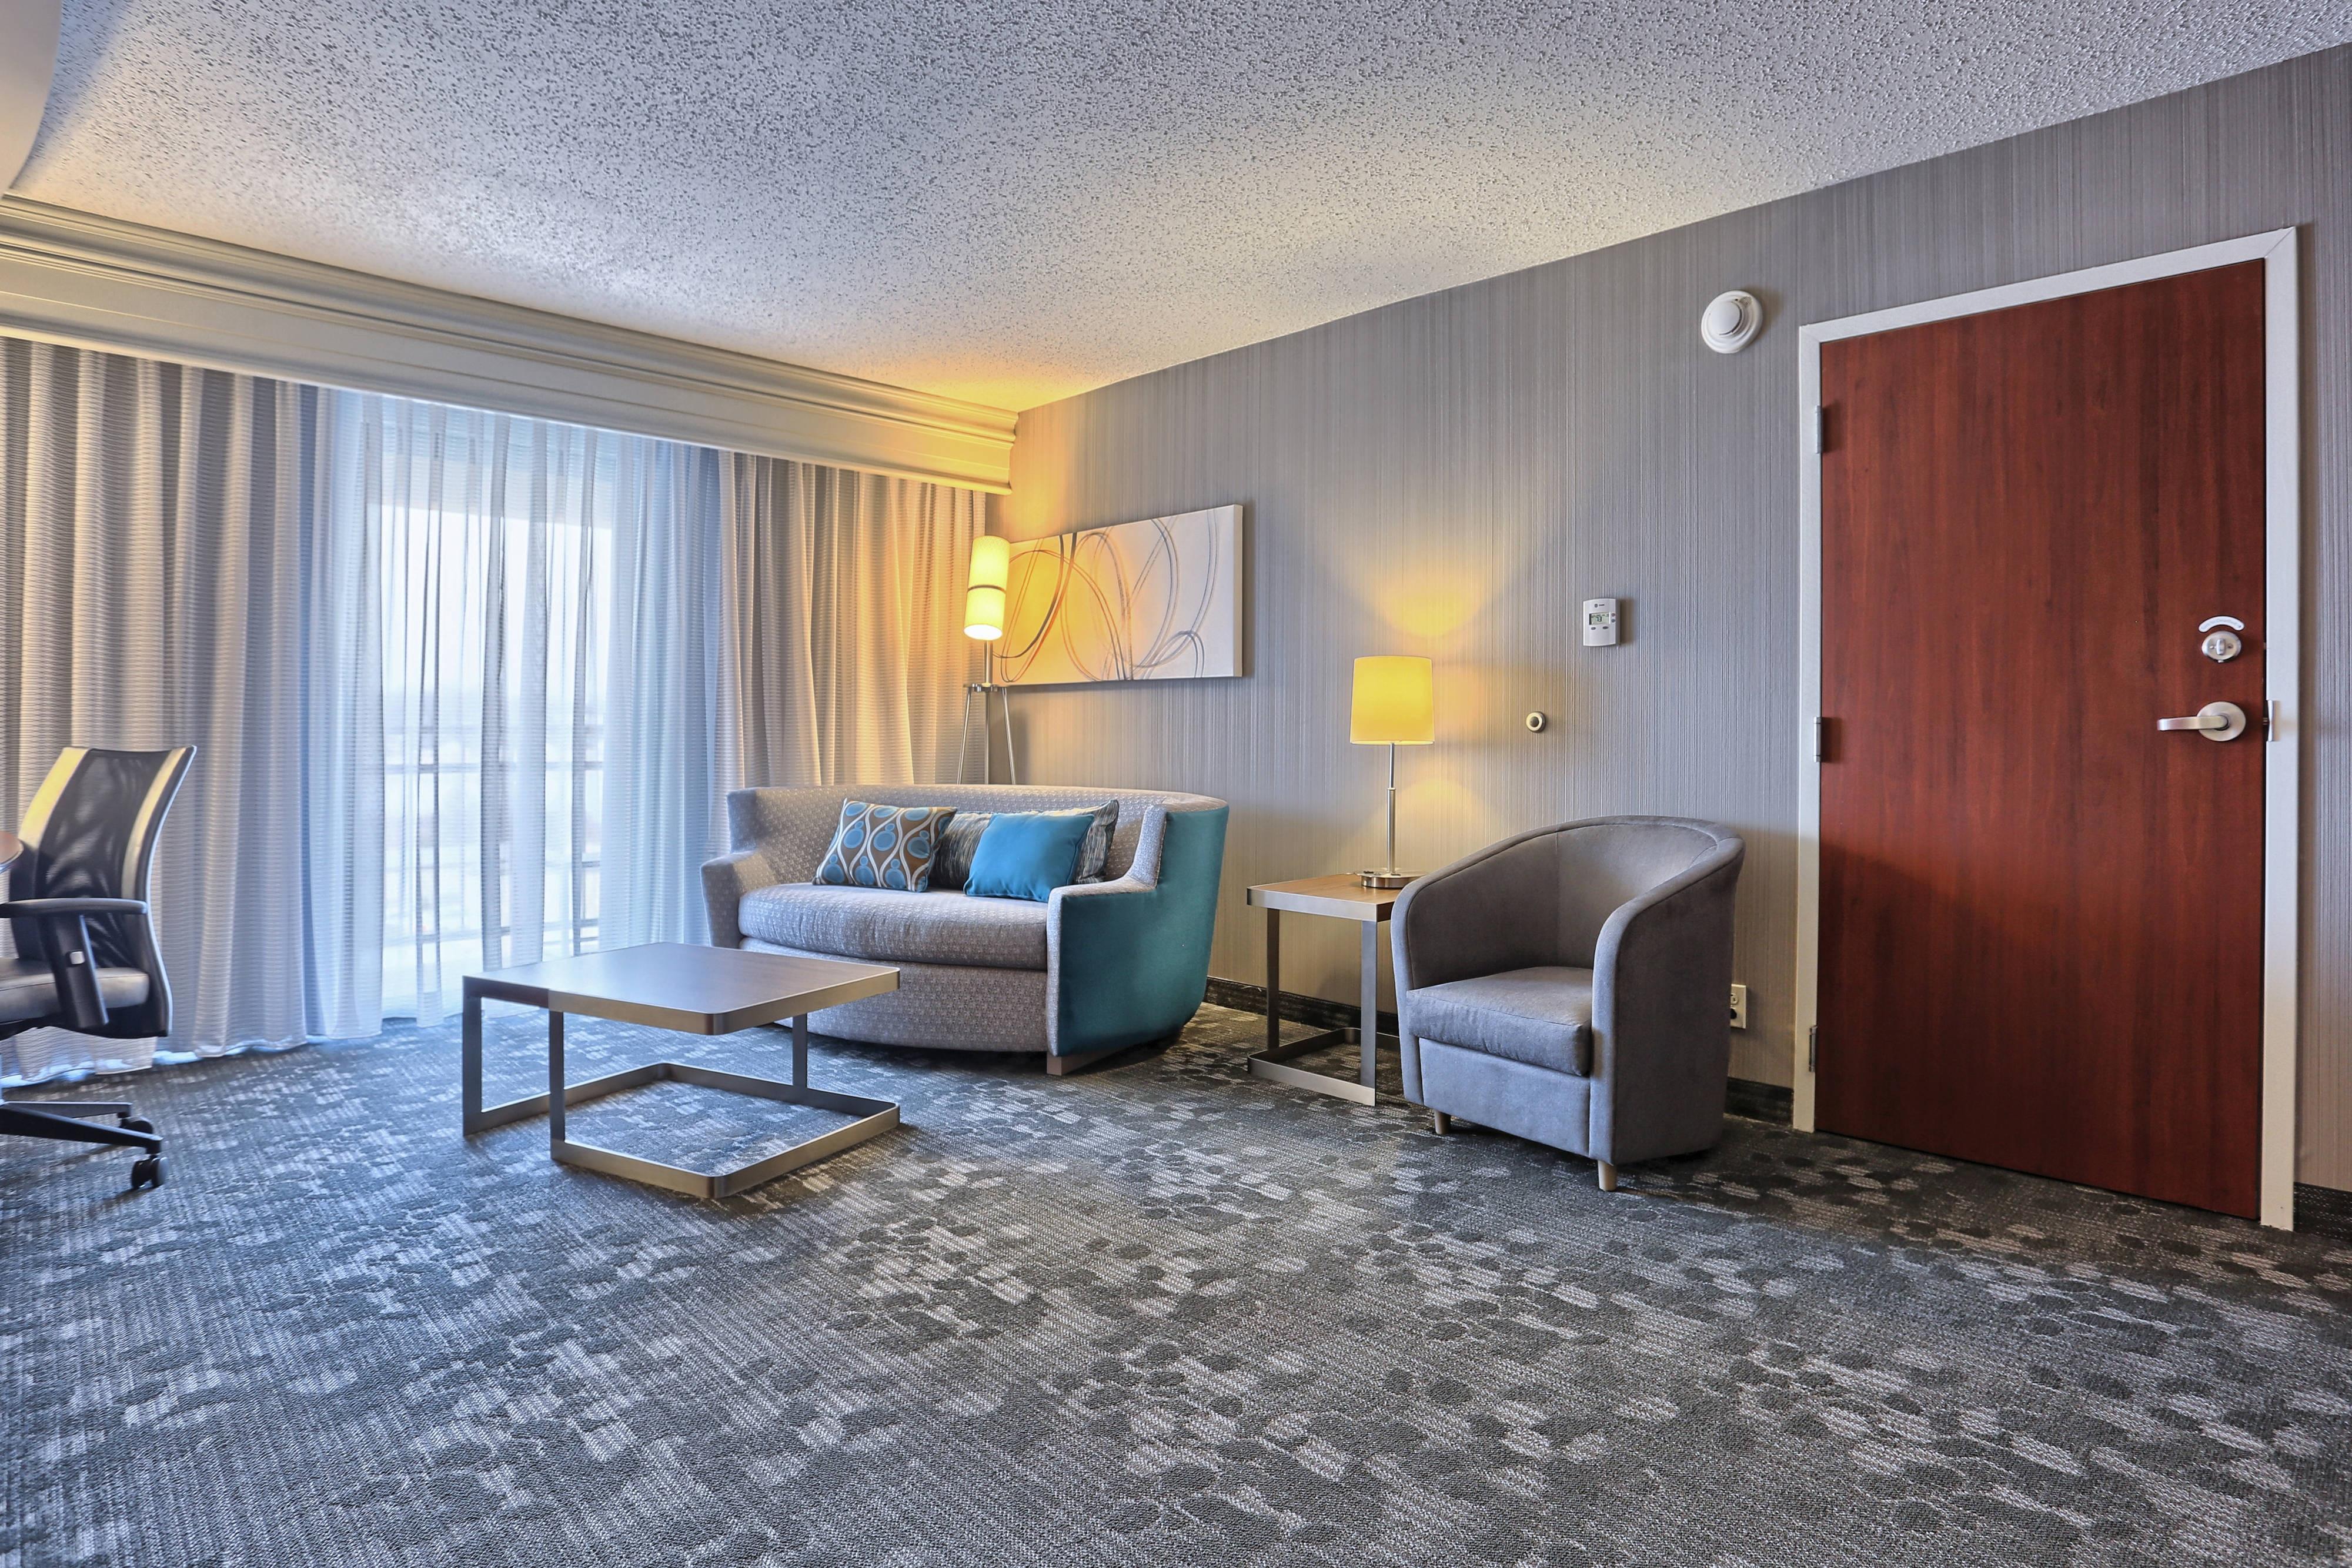 Mechanicsburg hotel suite living room